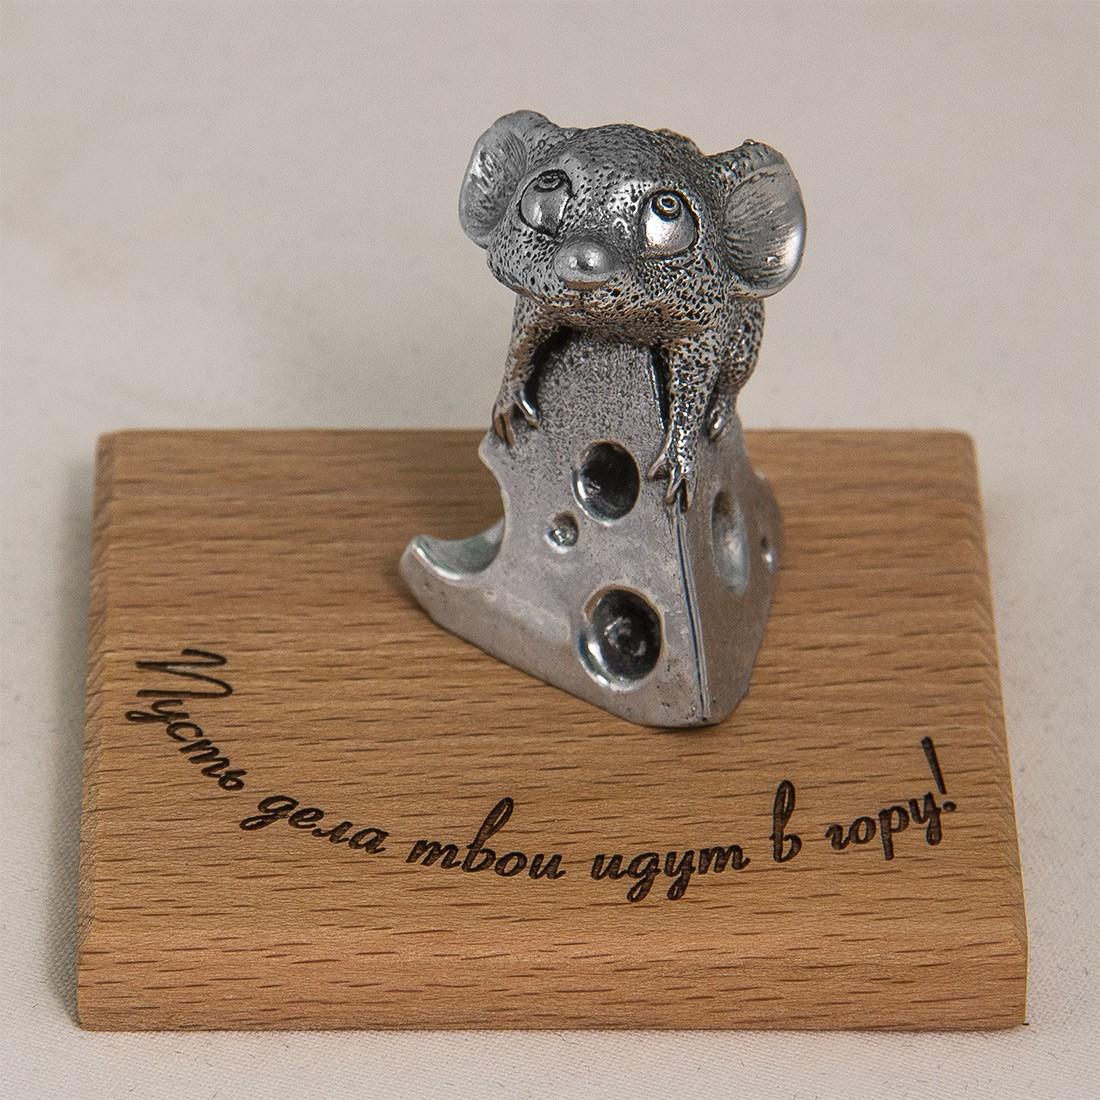 Открытка «Пусть дела твои идут в гору!» с фигуркой «Мышь на вершине сыра»